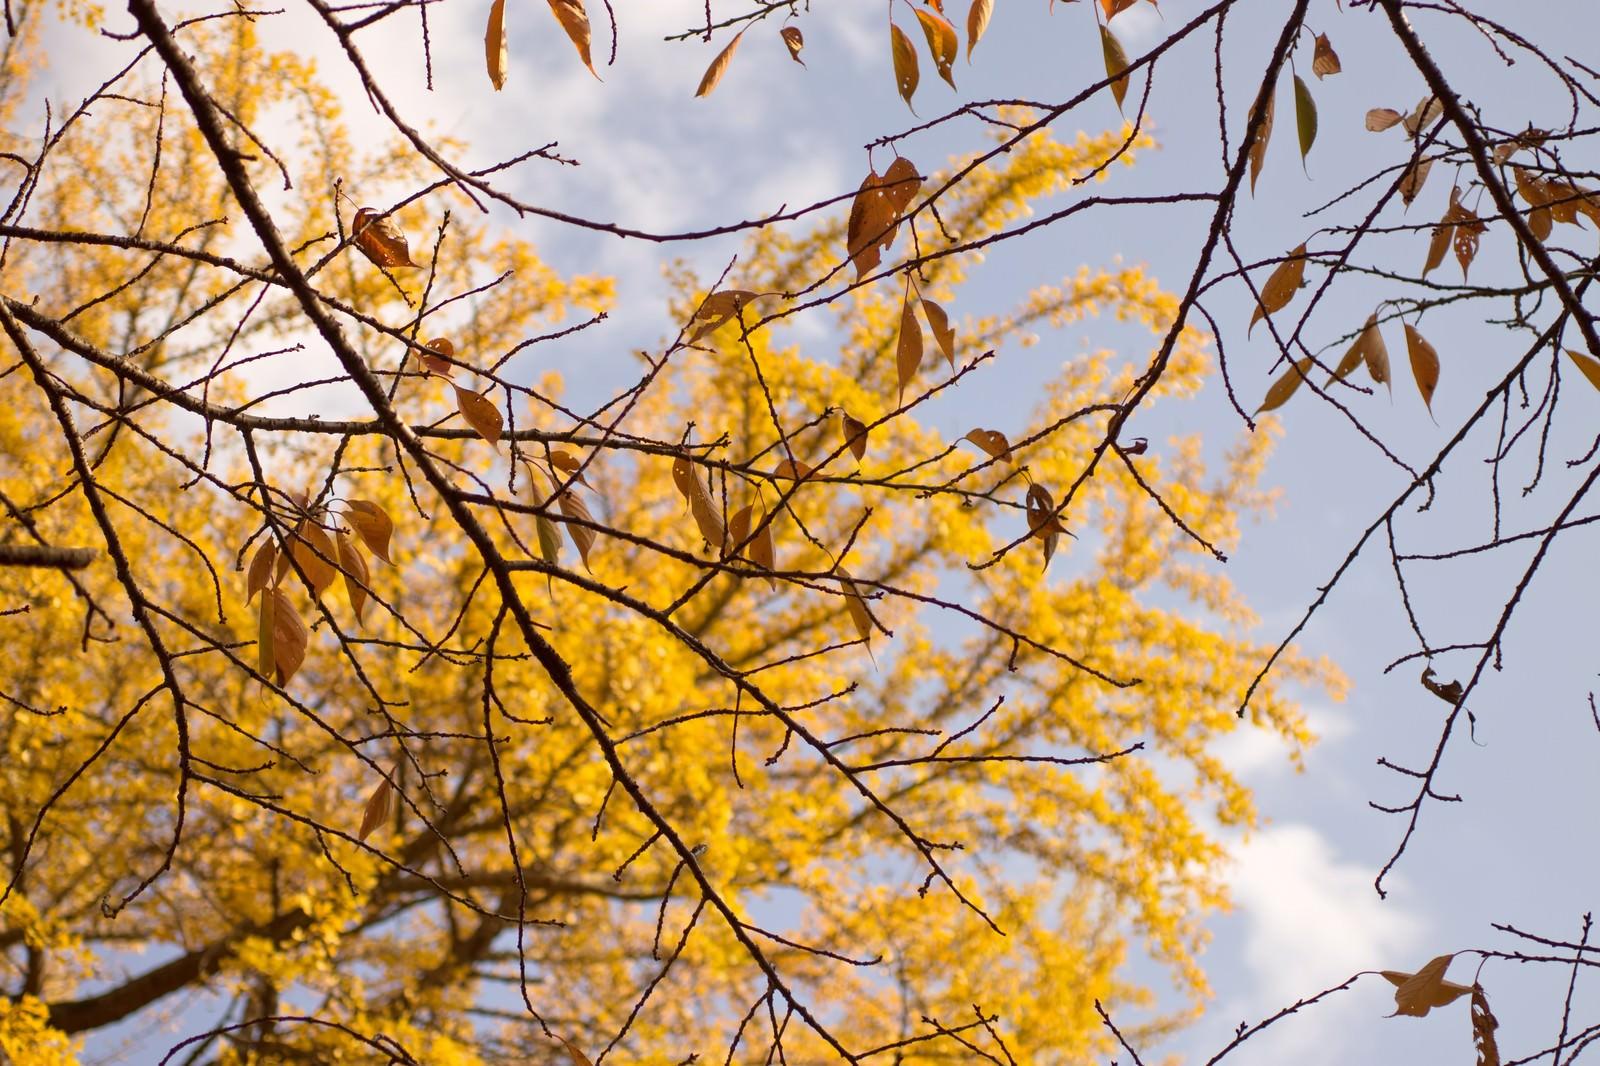 「枯葉と黄色く色づいた銀杏」の写真